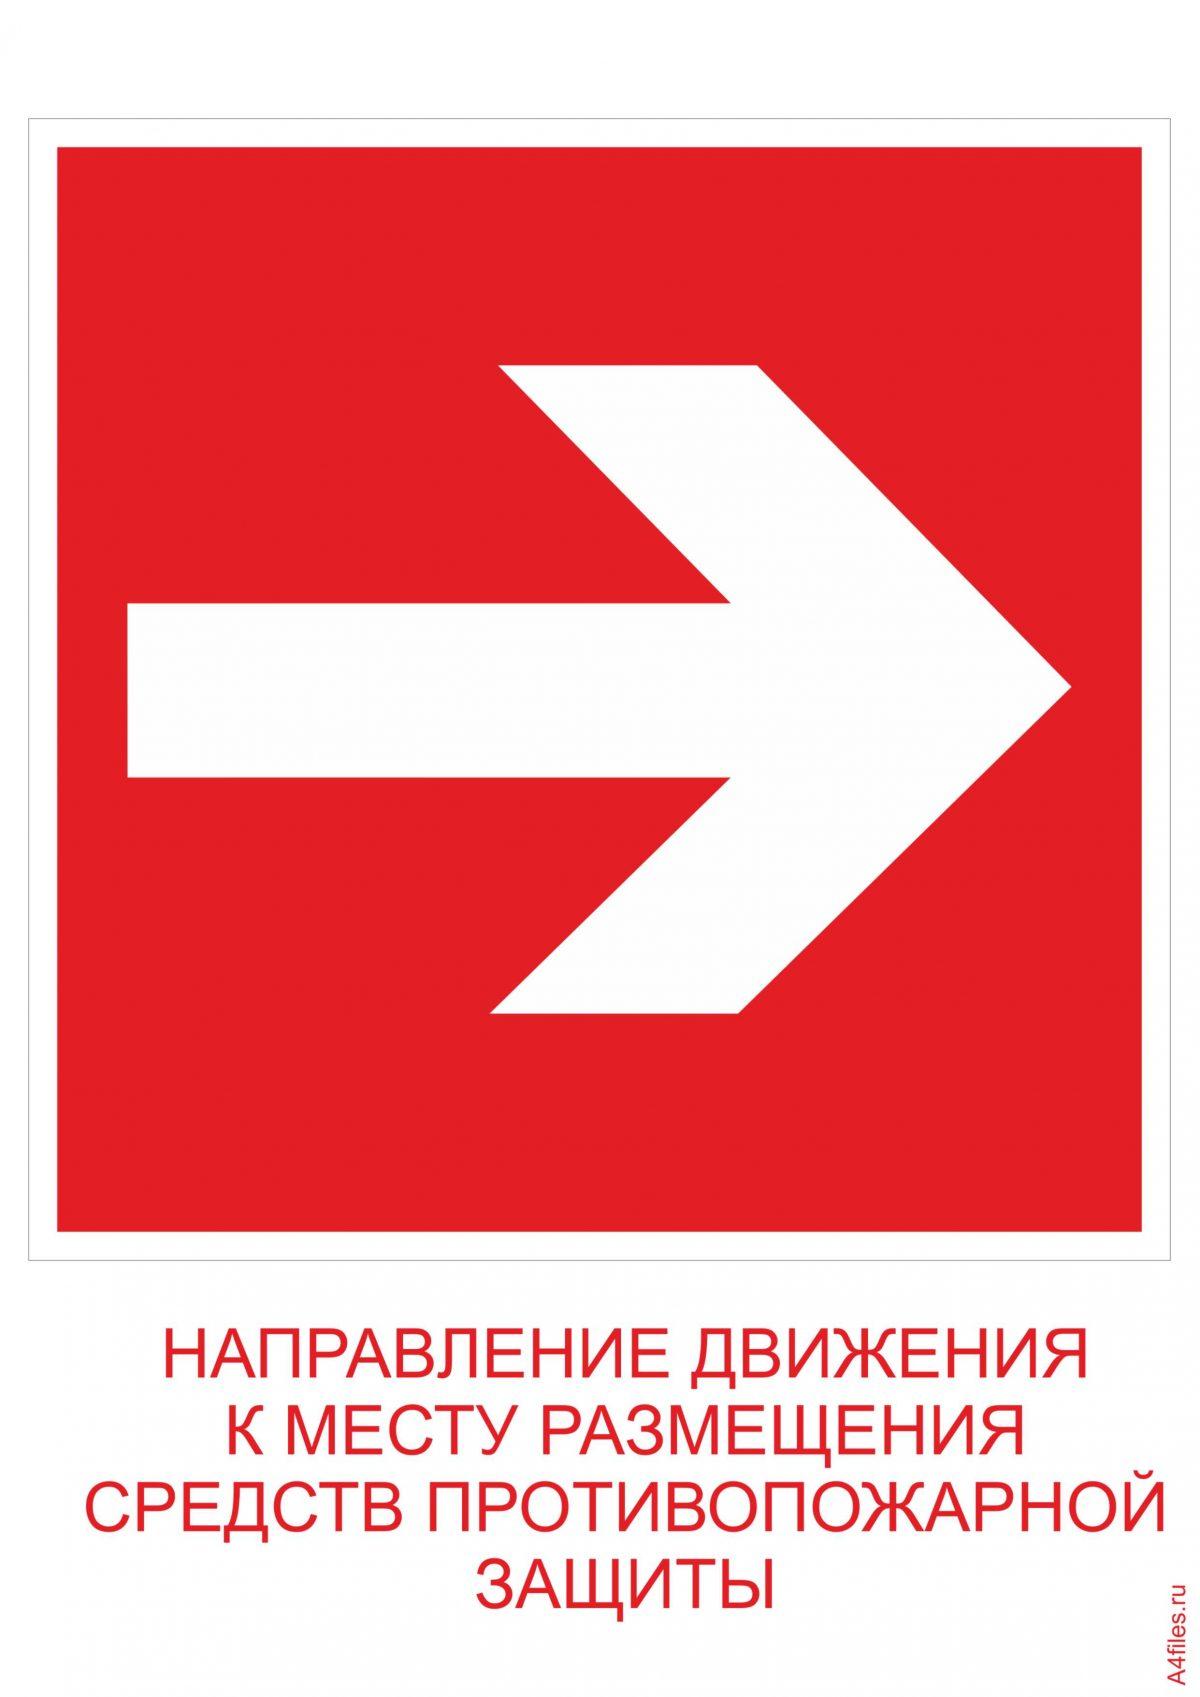 """Пожарный знак """"Стрелка вправо"""" на красном фоне"""